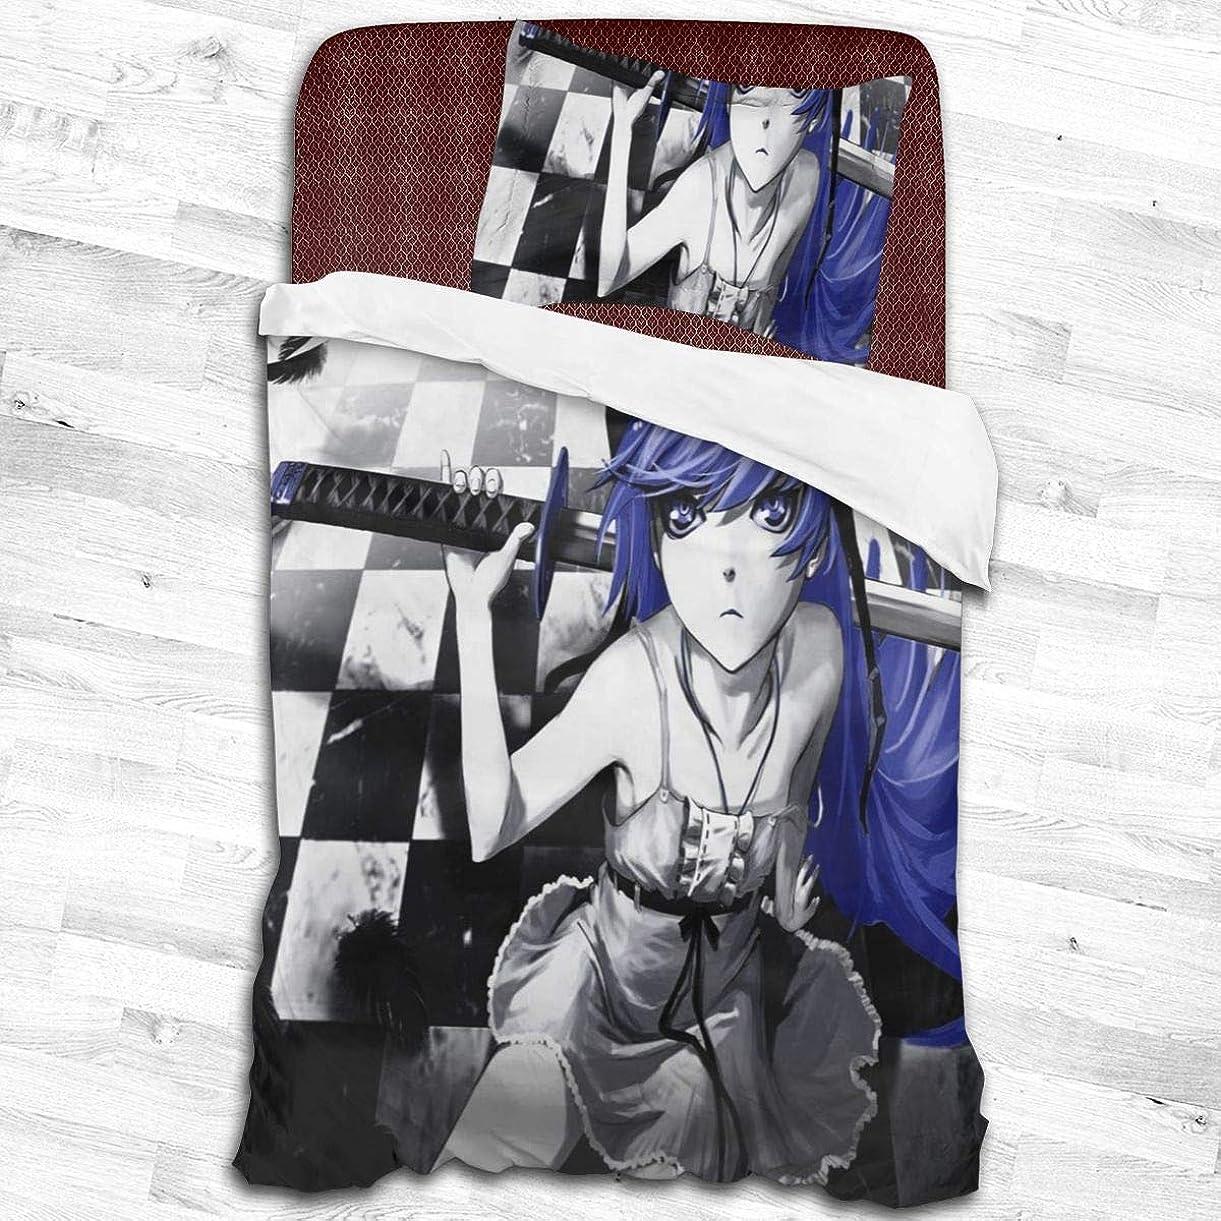 付与広範囲無法者寝具カバーセット、掛け布団カバー 枕カバー アニメの女の子 掛け布団カバー1つ+ 20